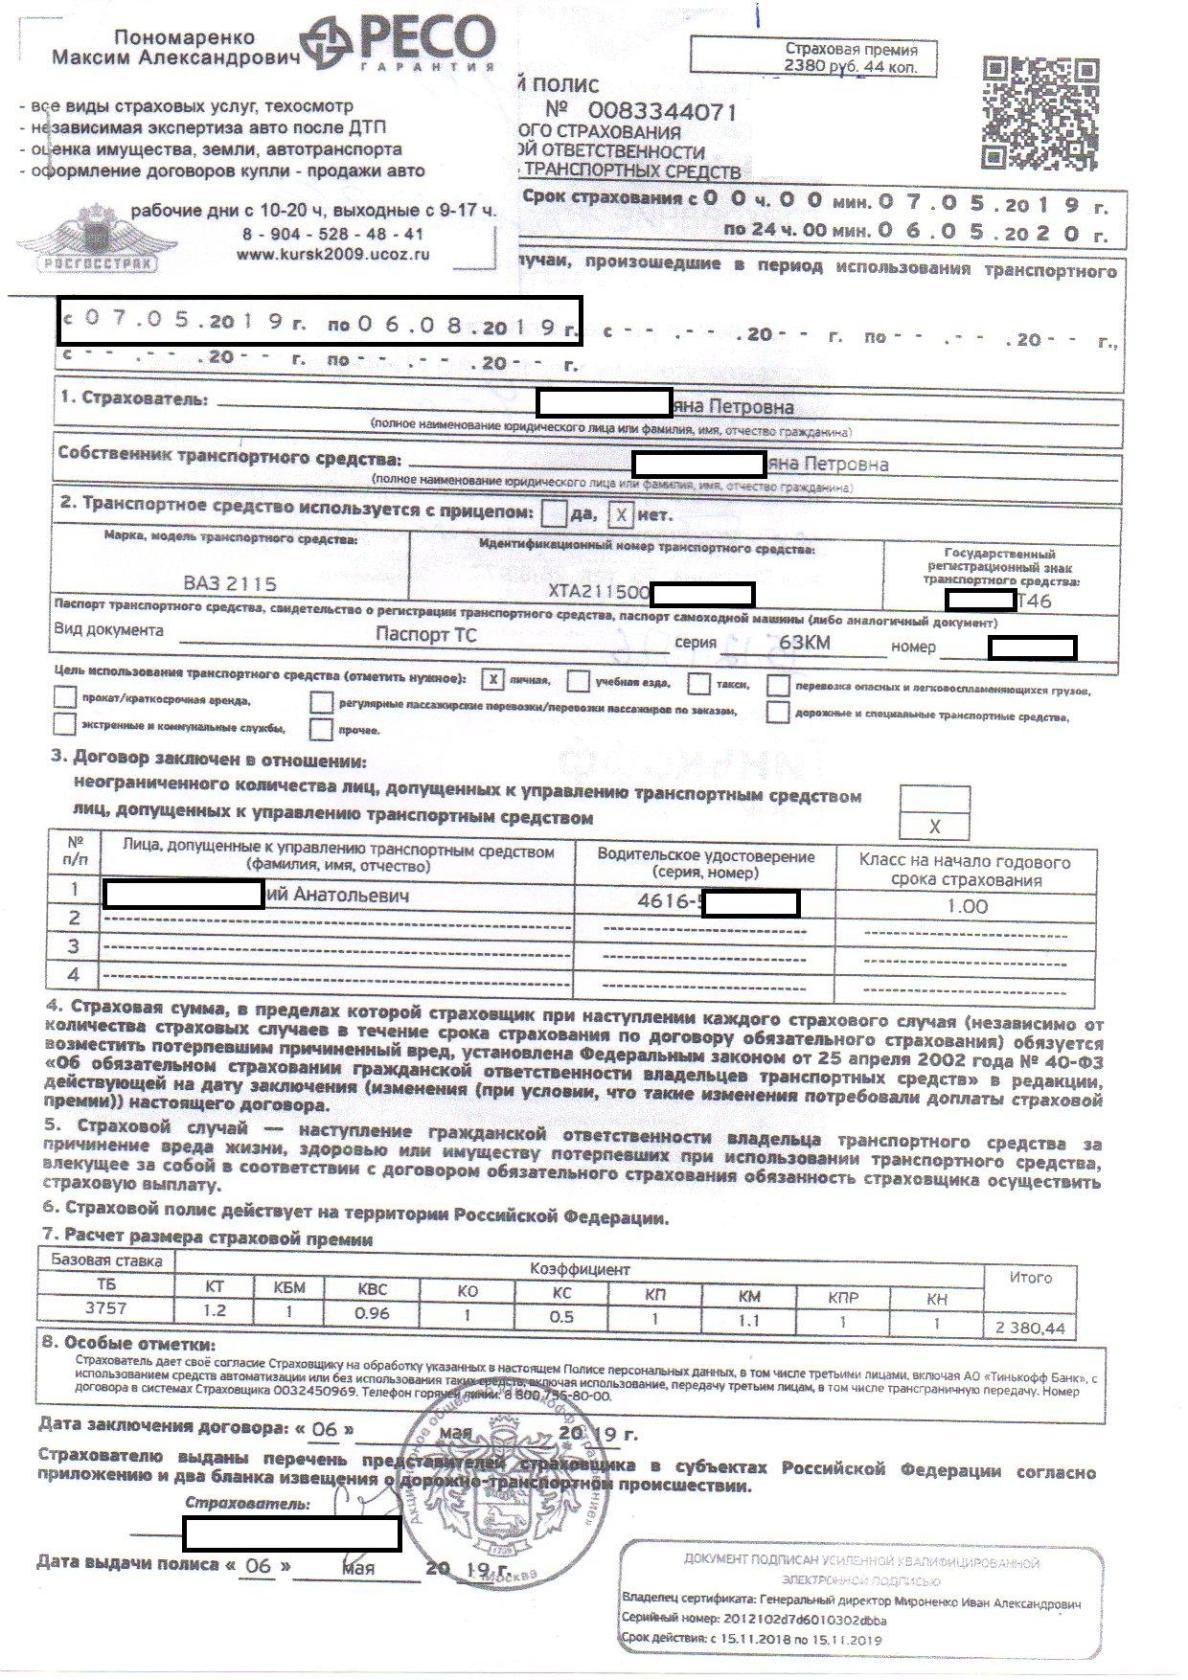 http://kursk2009.ucoz.ru/prava/tinkof_4.jpg